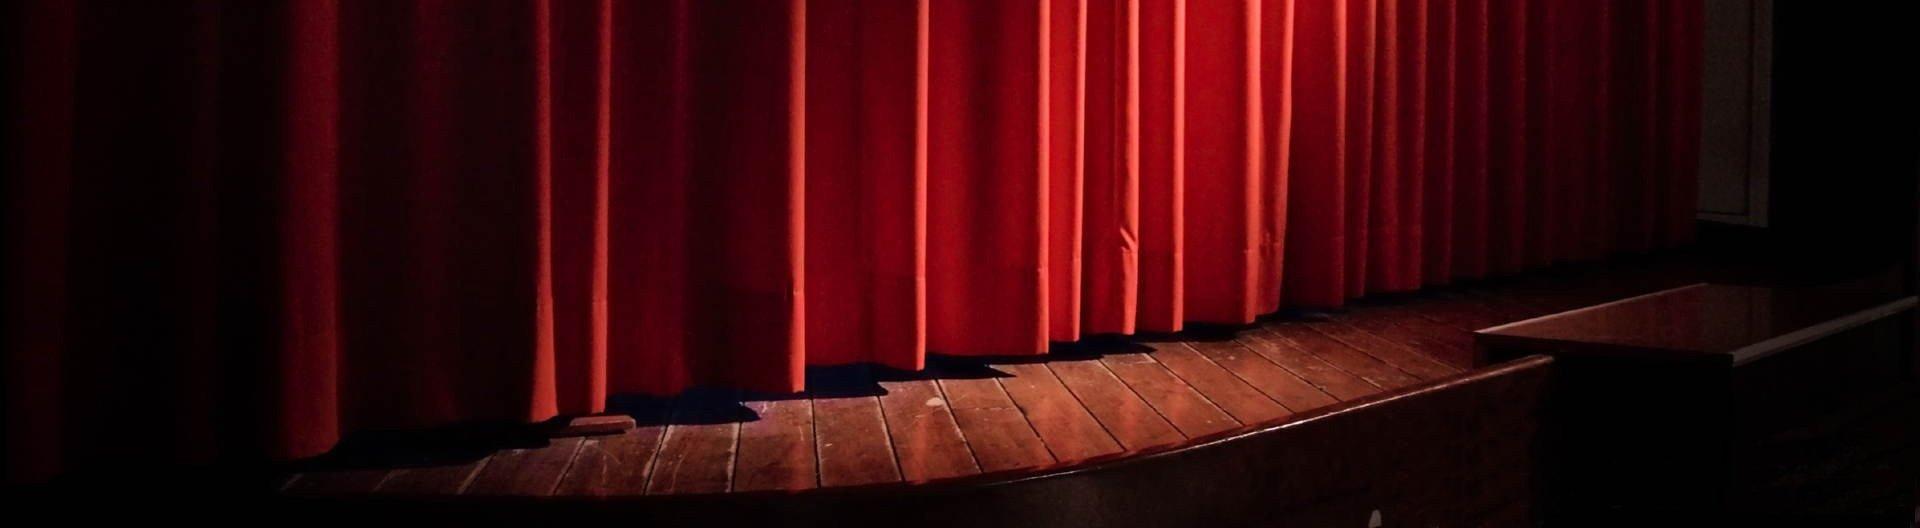 Telones para teatros - Fabricante de telones para teatros